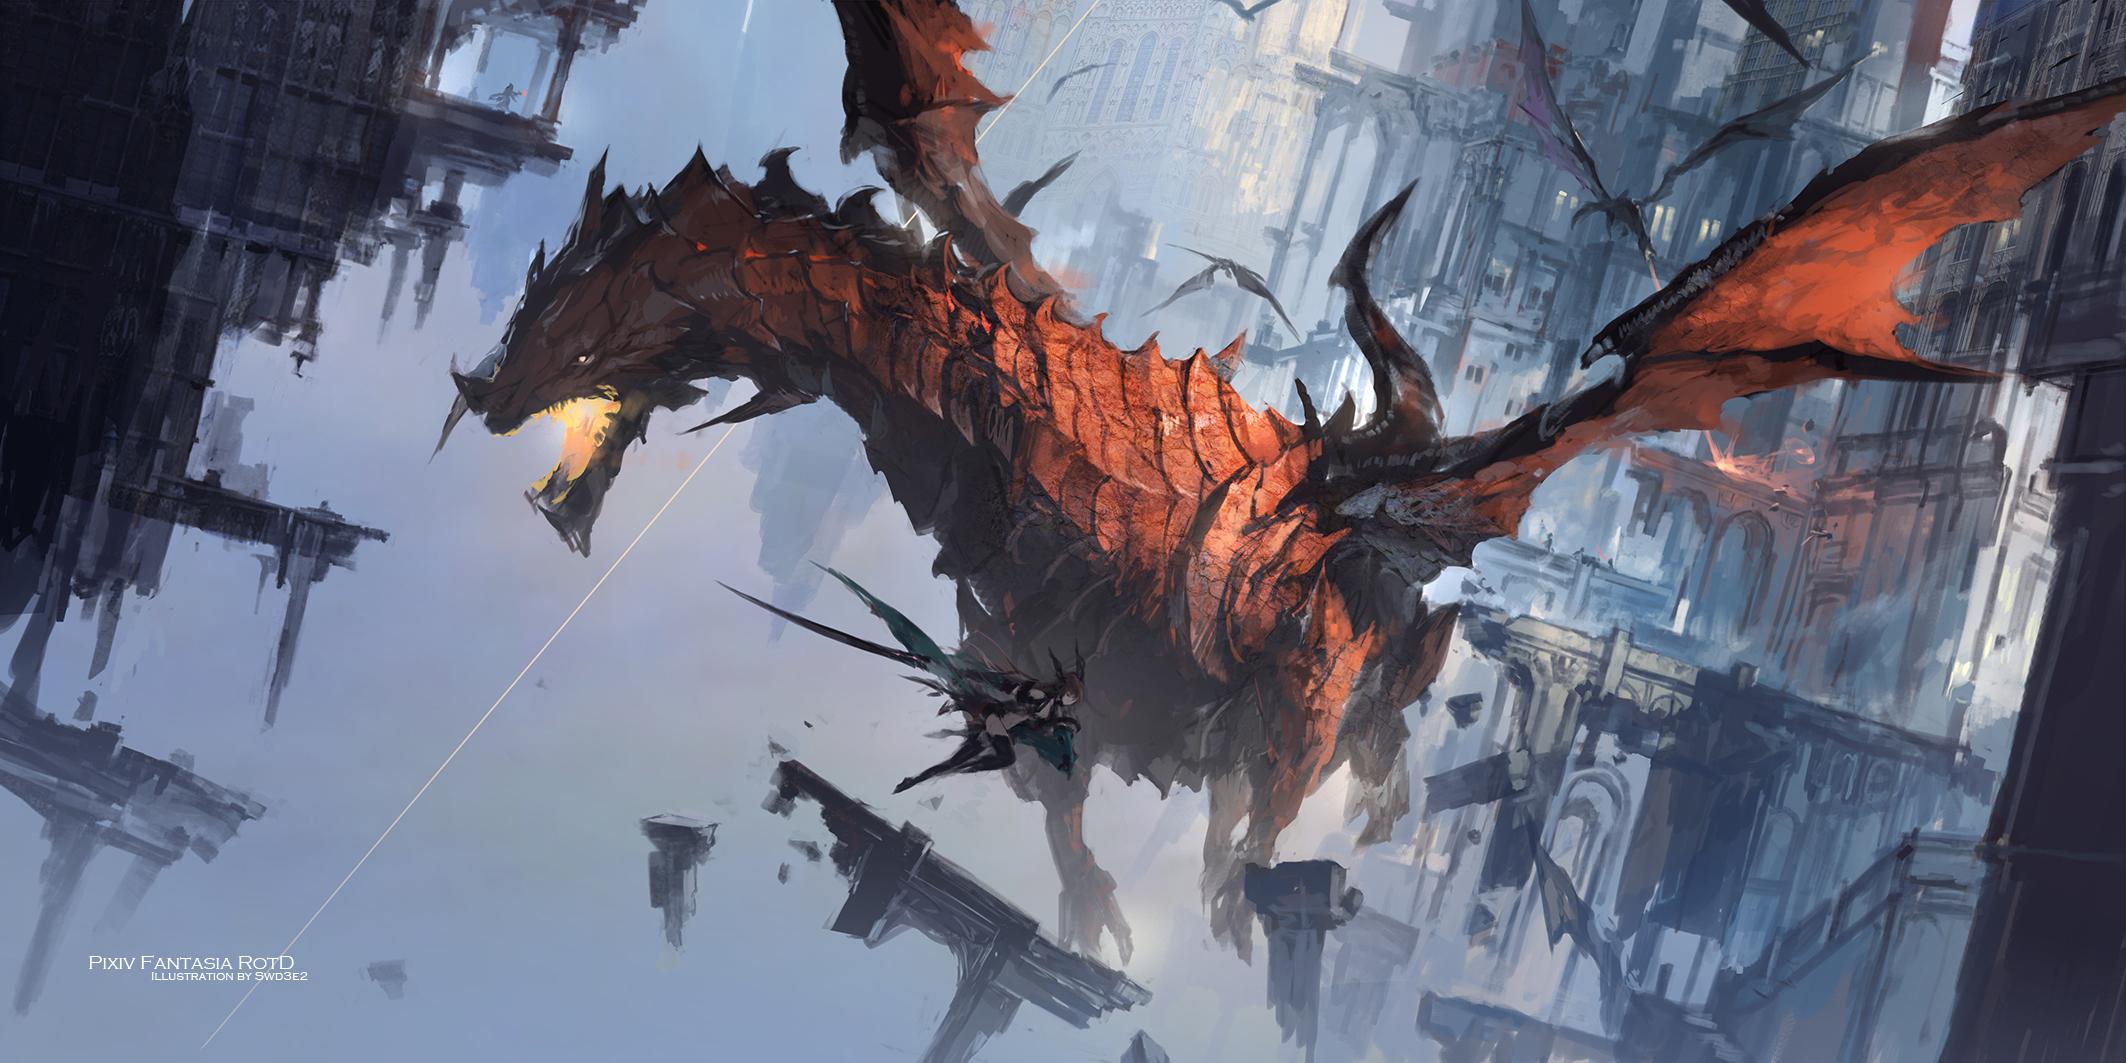 デスクトップ壁紙 ドラゴン アニメの女の子 飛行 Pixiv ピクシヴファンタジア 2126x1063 Mohammads デスクトップ壁紙 Wallhere